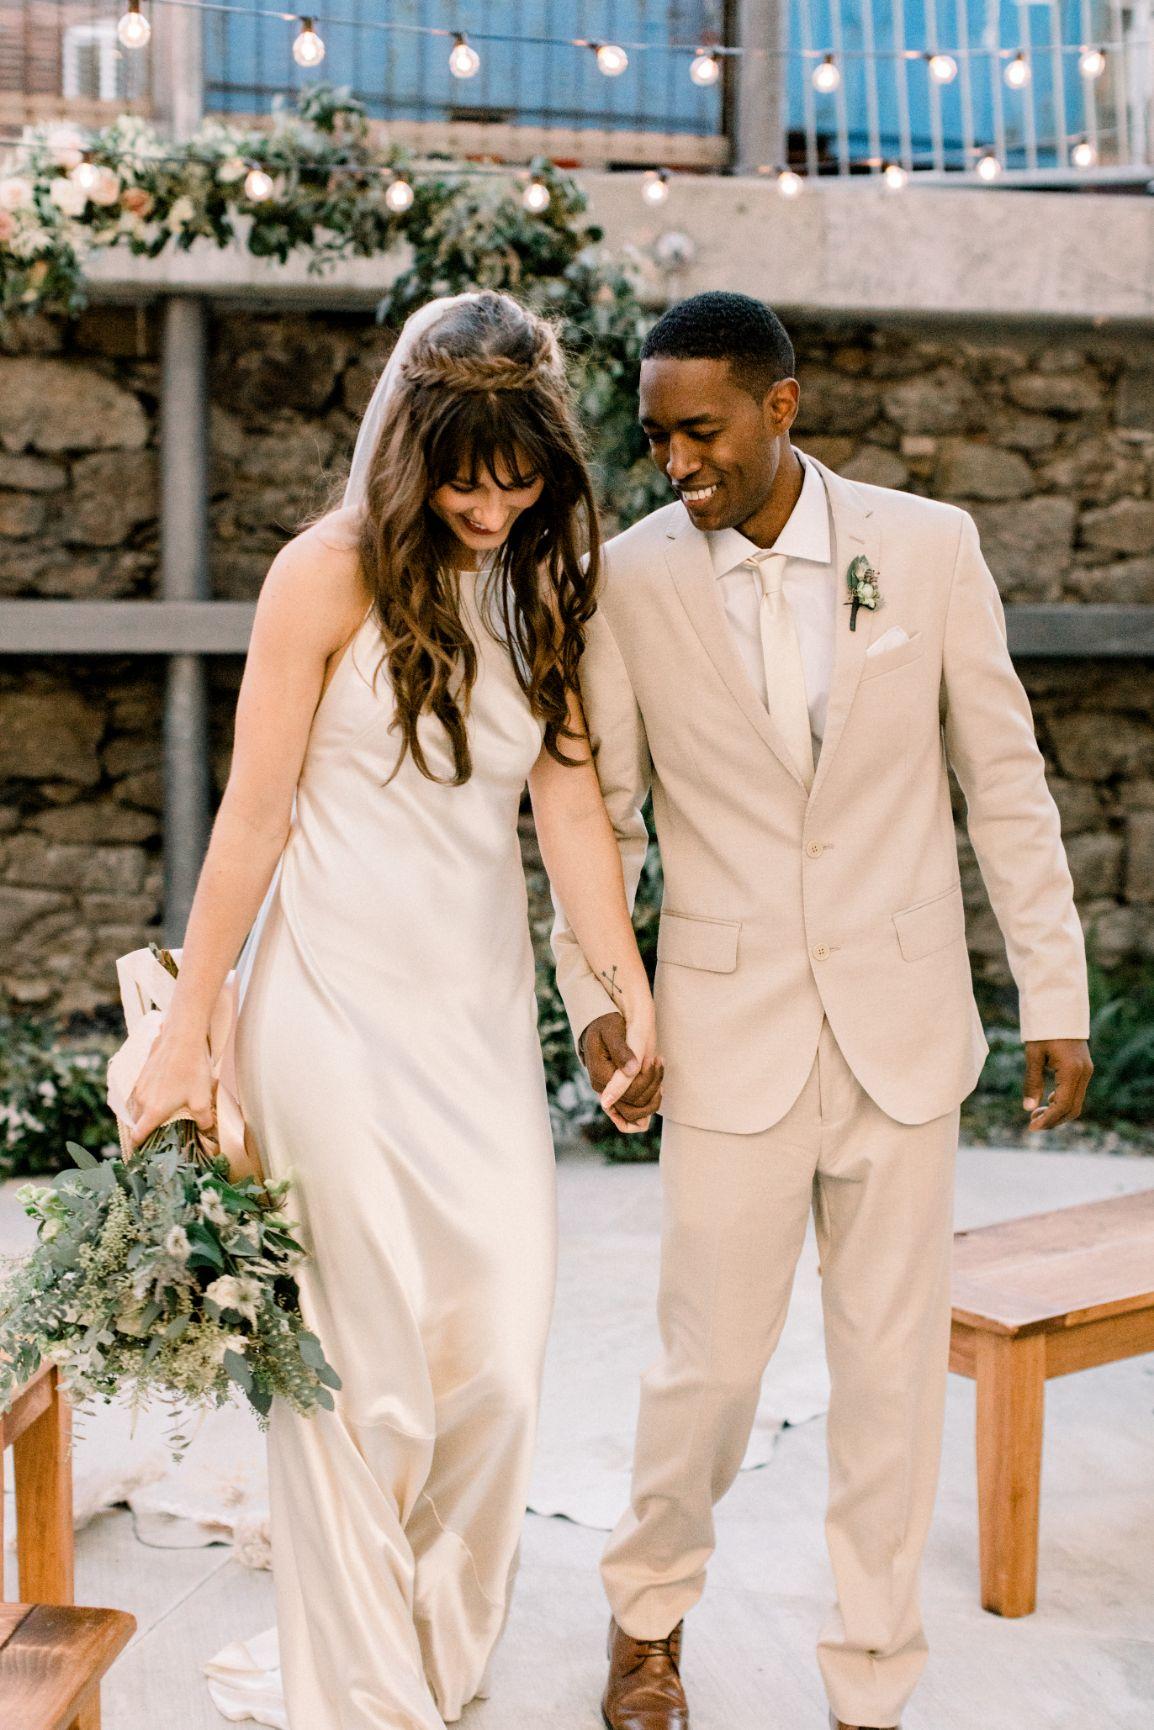 artists-for-humanity-industrial-bohemian-wedding-daylynn-designs201.jpg